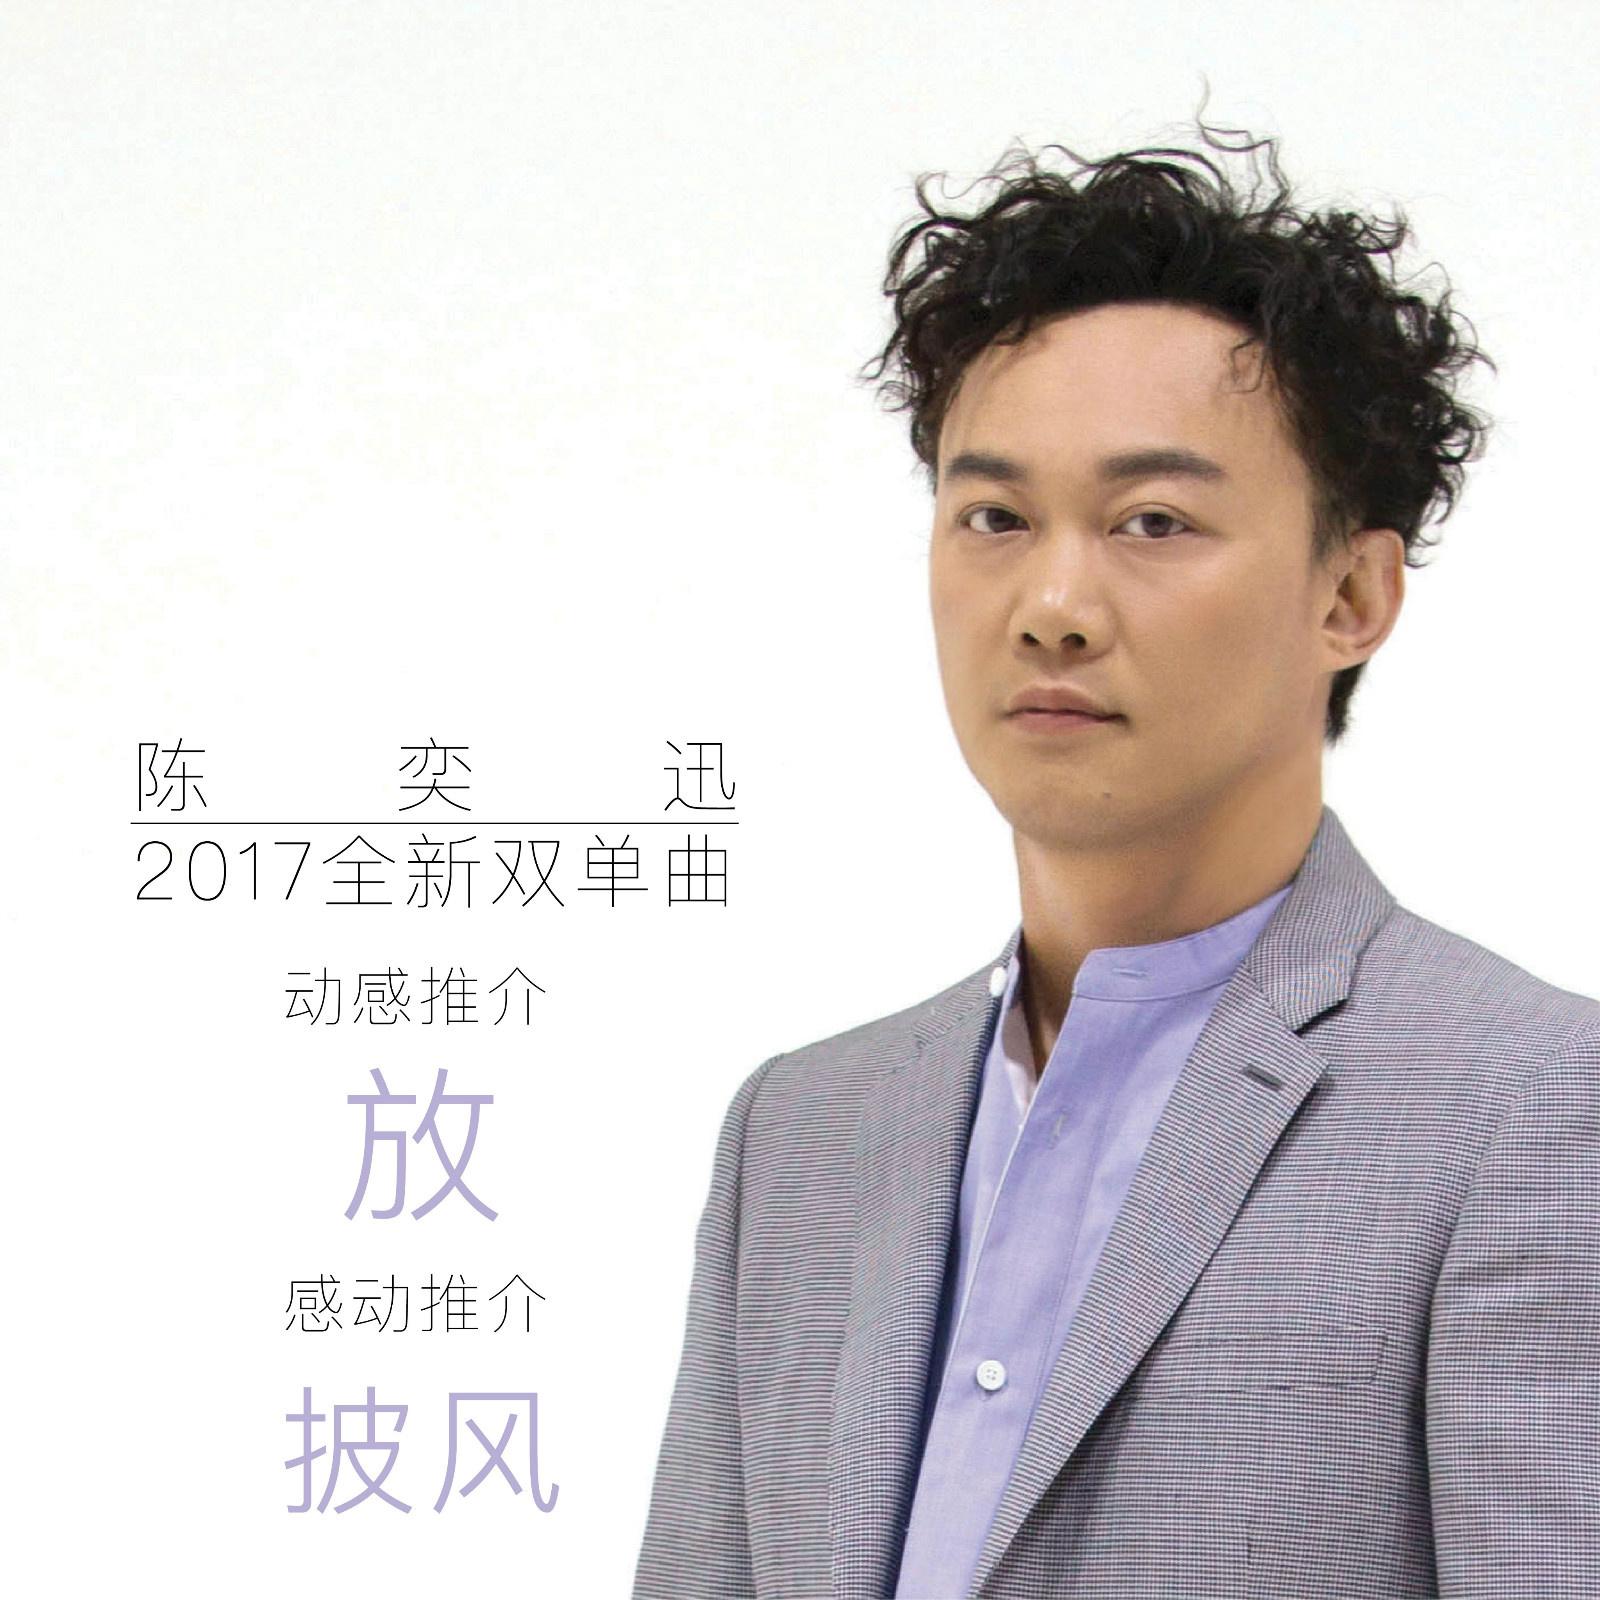 【七彩金曲排行榜】第1163期(2017.5.15—2017 .5.21)